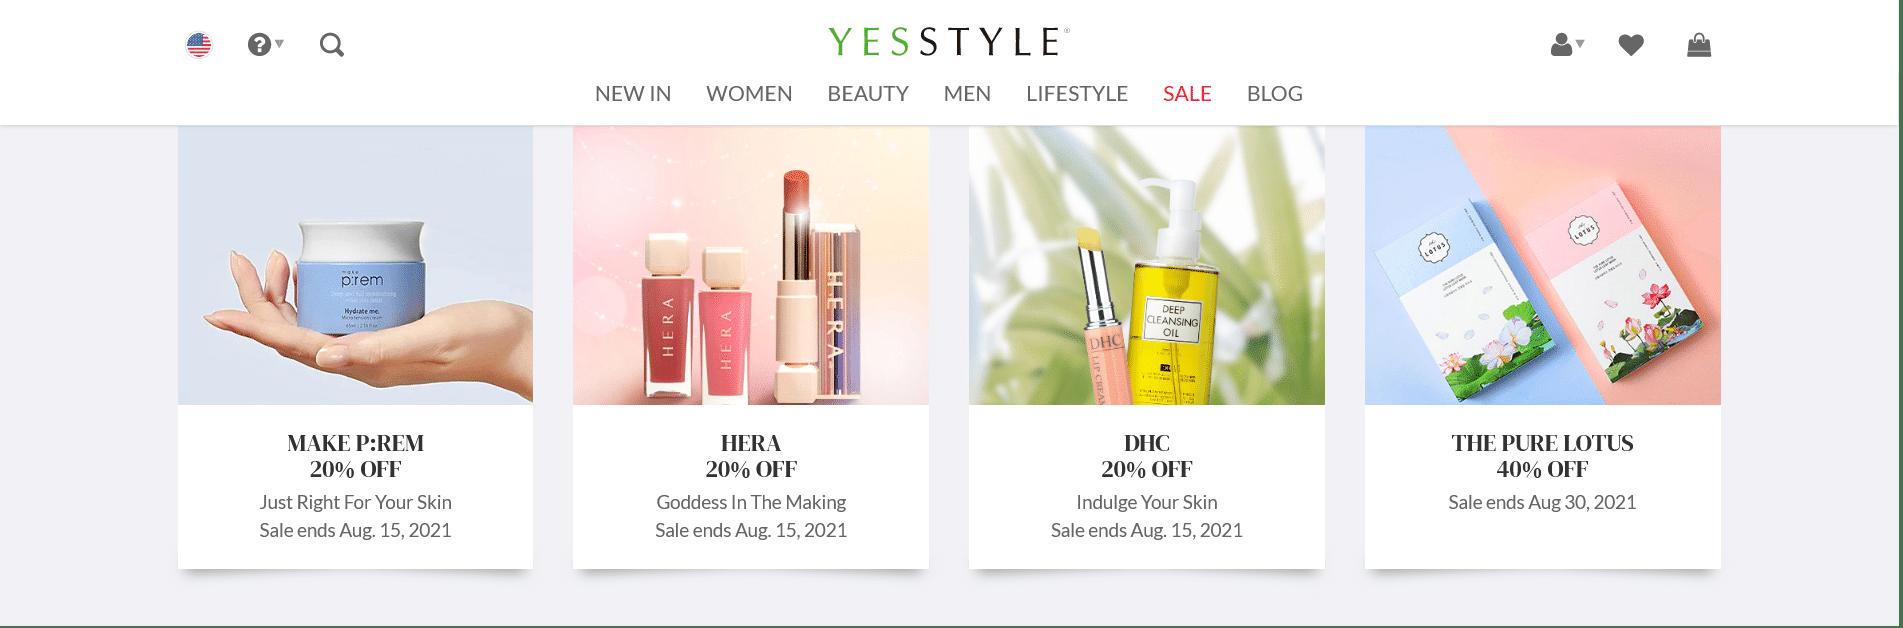 YesStyle website